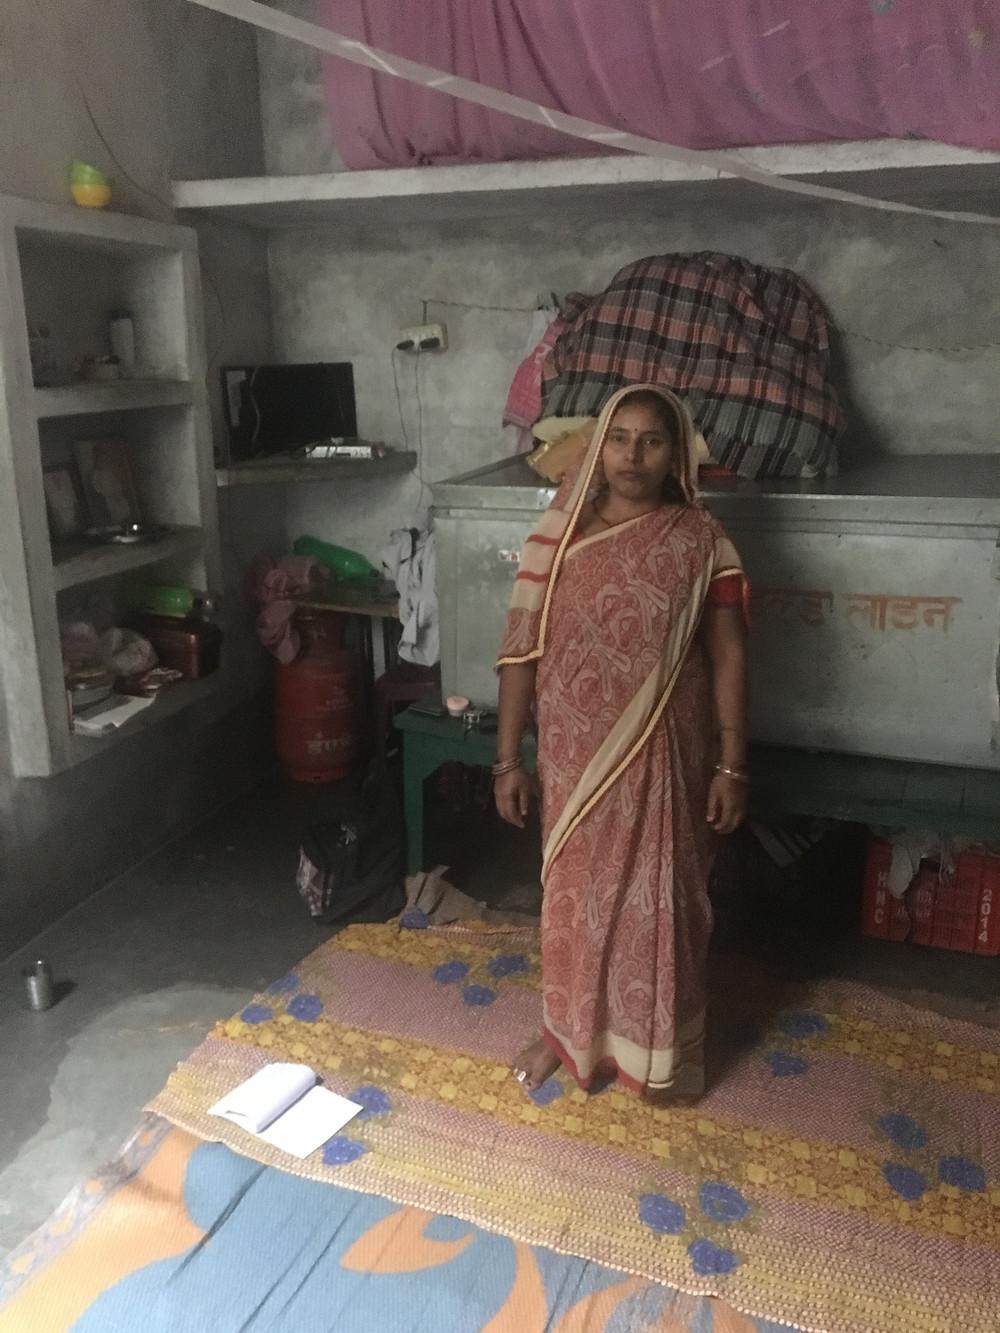 Poonam, qui a été opérée grâce à vous l'année dernière. Toute sa vie et celle de ses trois enfants tient dans la malle derrière elle. est contenue dans la